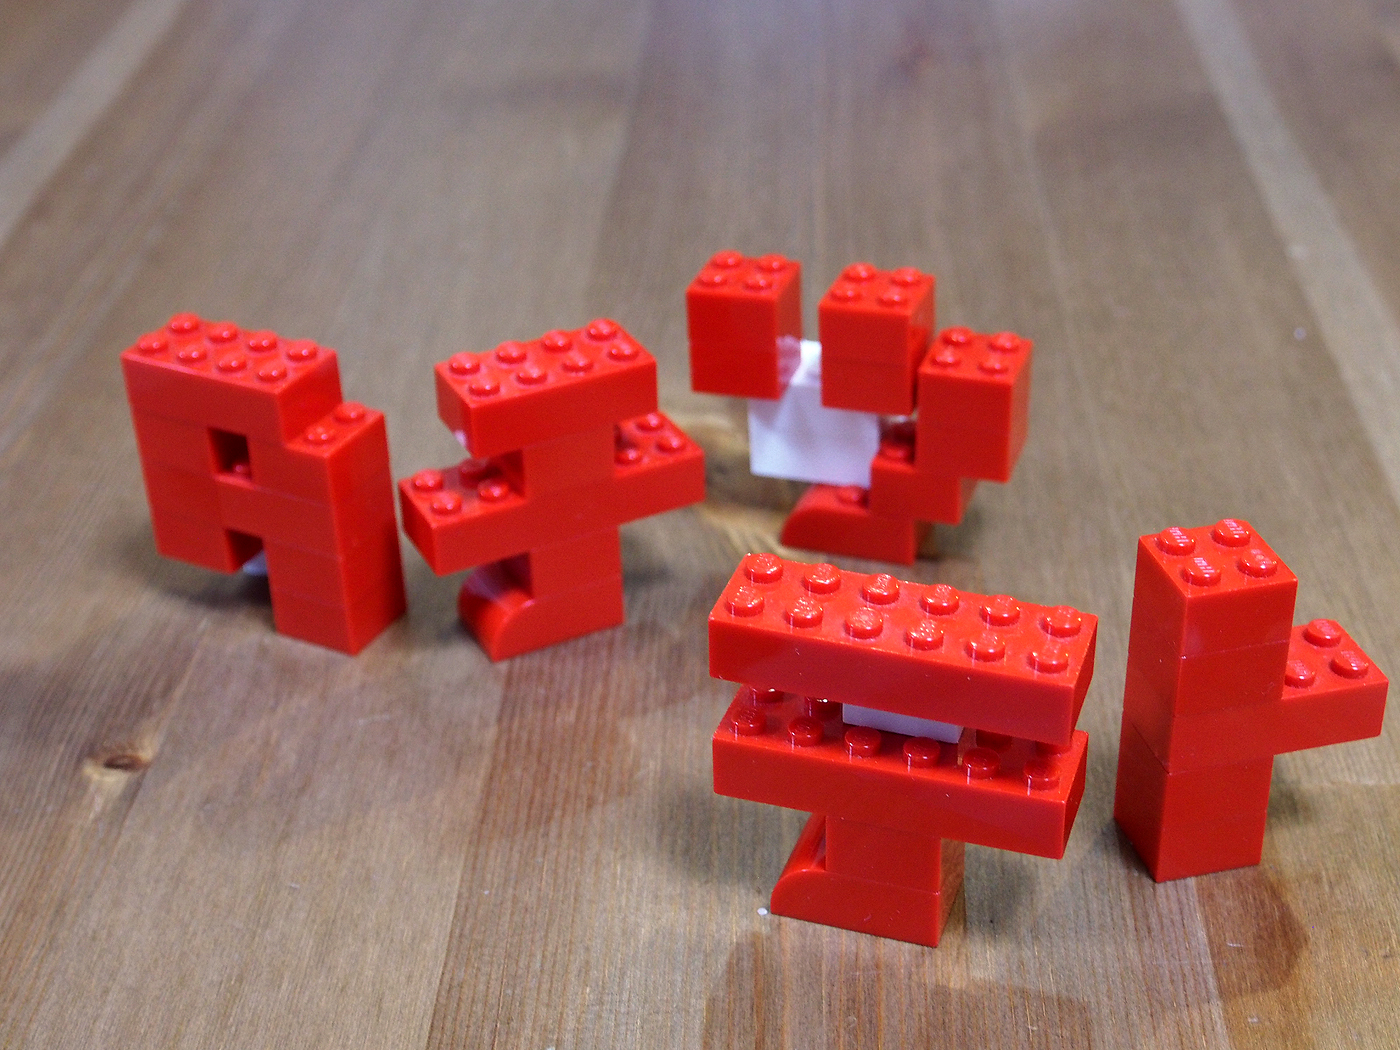 レゴ、タチツテト